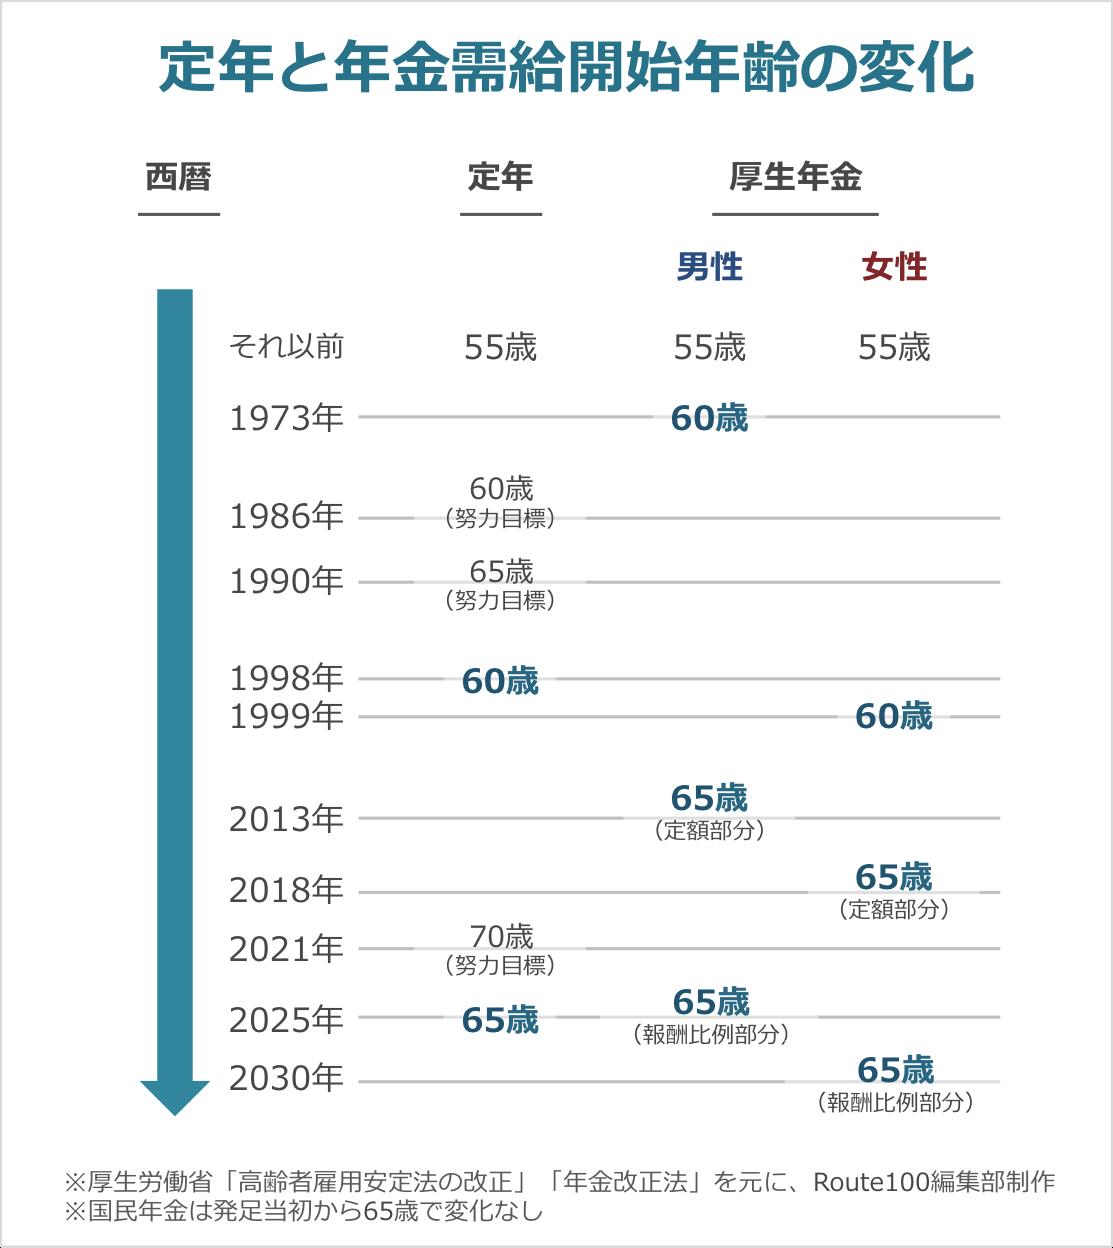 定年と年金受給開始年齢の変化